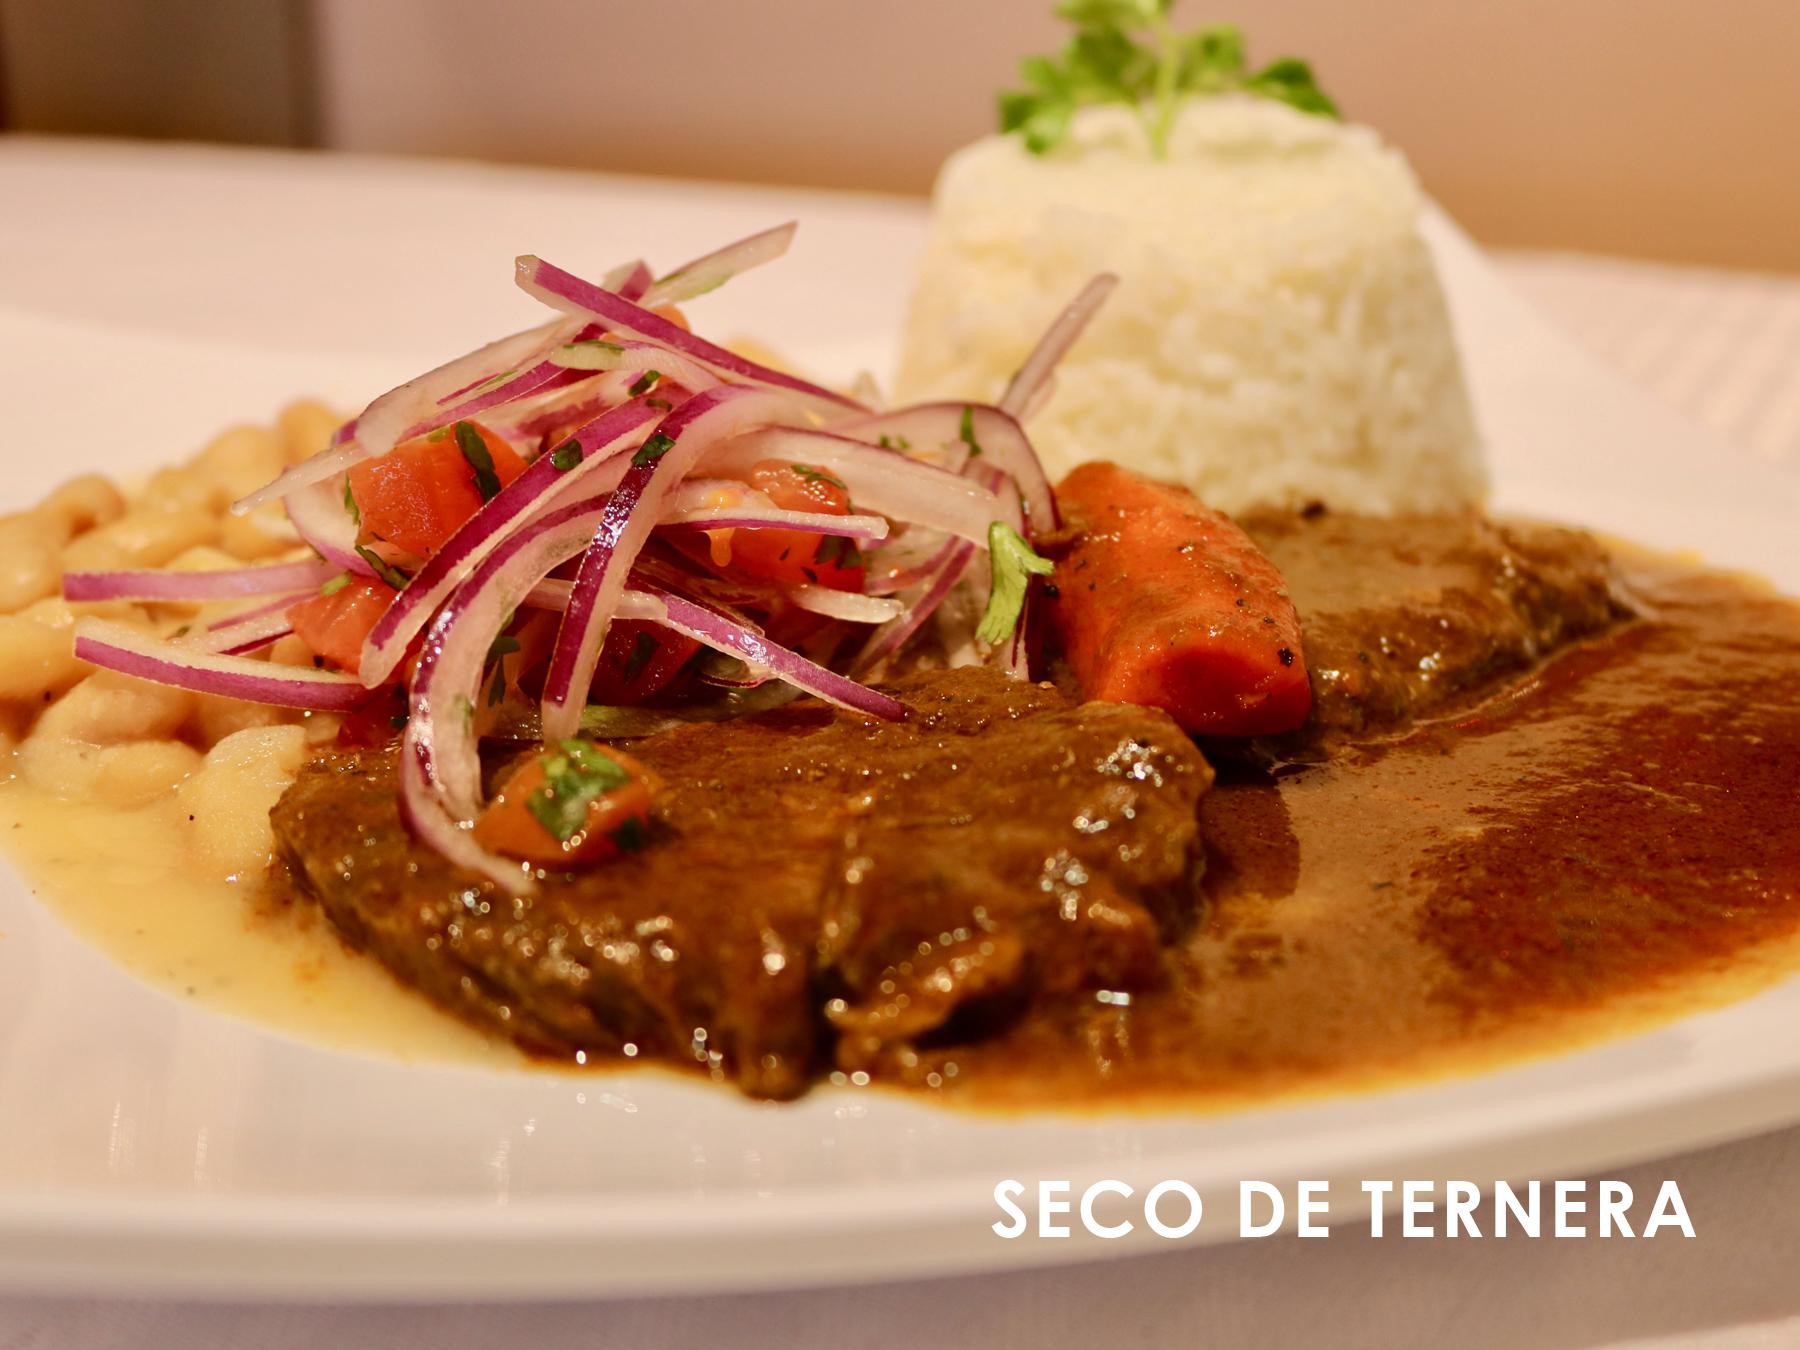 SECO DE TERNERA